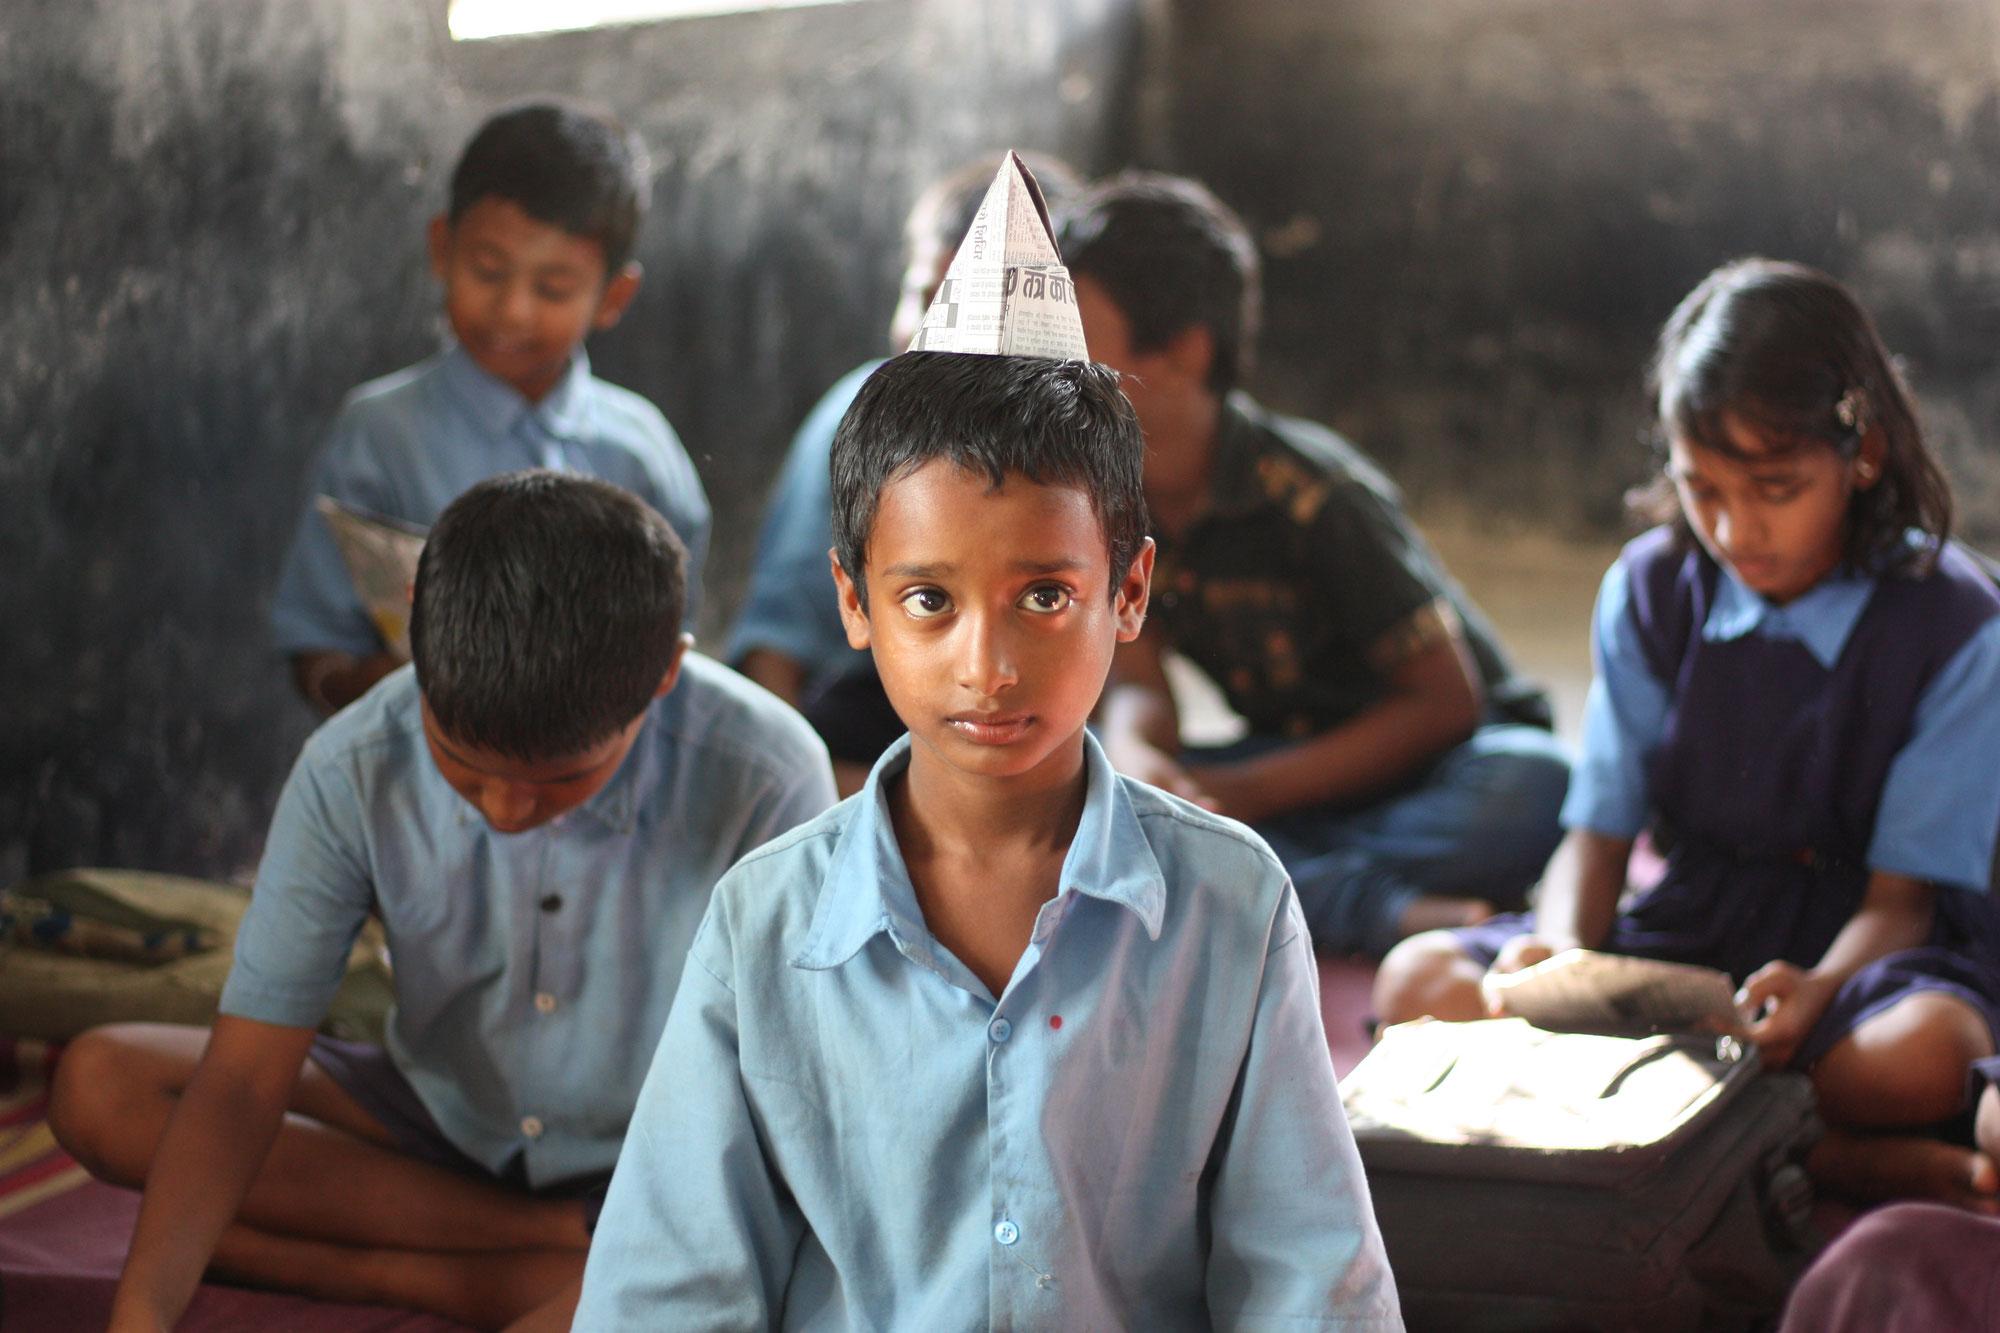 Fördermittelgewinnung: Corona-Pandemie in Indien: Die Lage ist dramatisch! Wie können Sie mit Fördermittelakquise helfen?